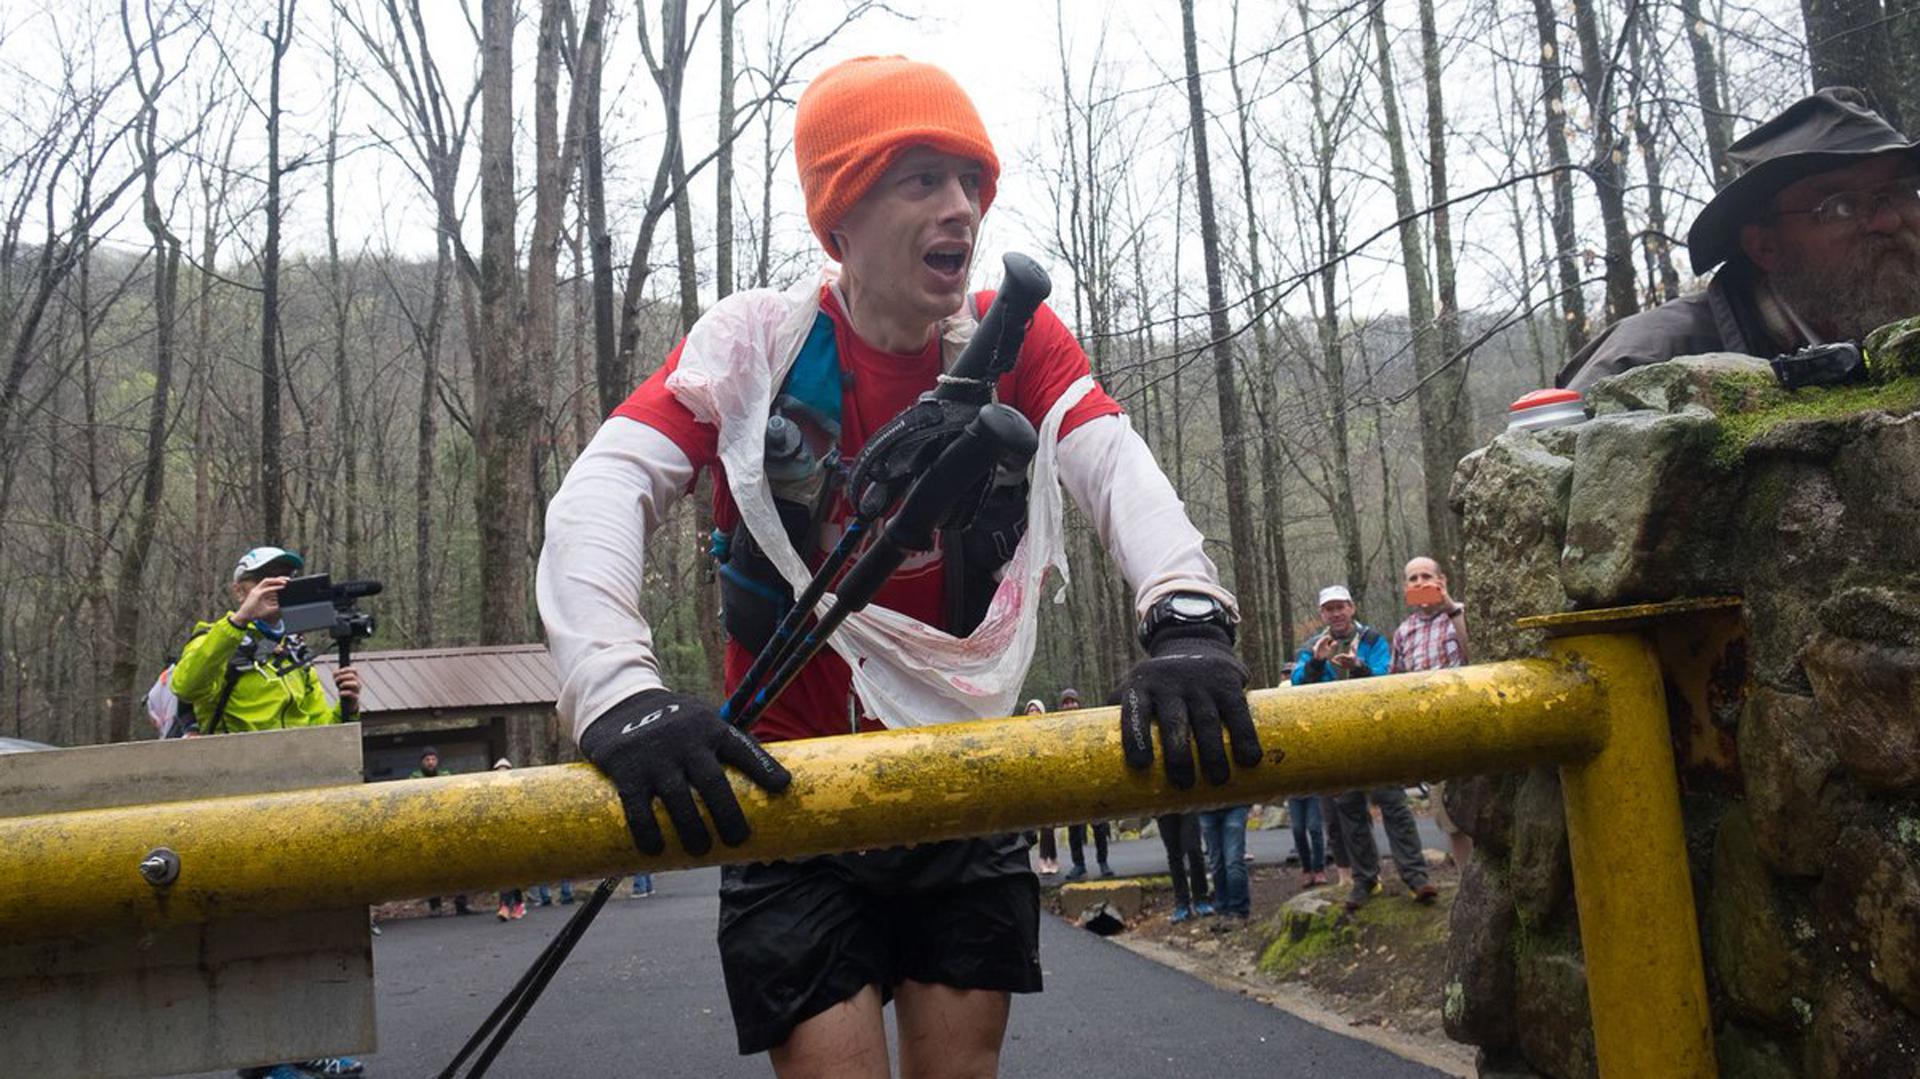 John Kelly terminó la carrera en 59 horas y 30 minutos